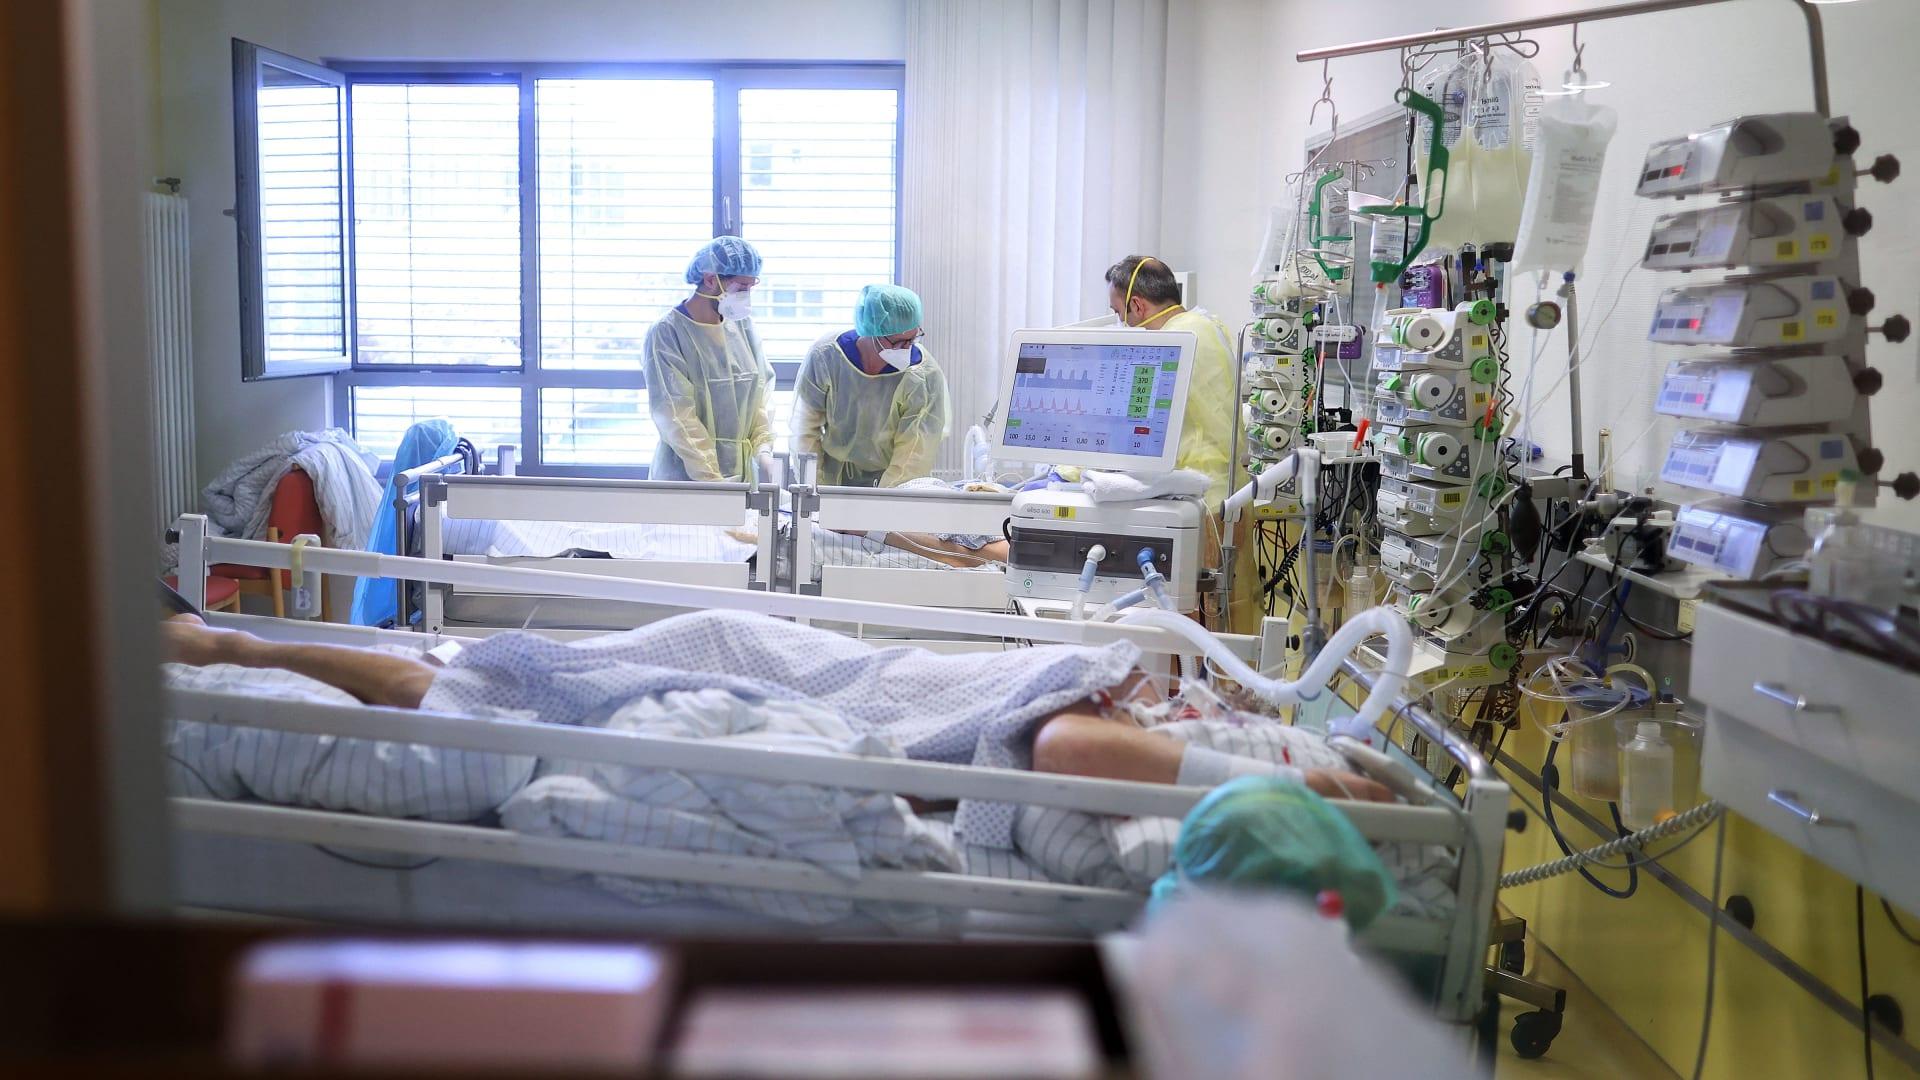 بألمانيا.. وفيات فيروس كورونا تتجاوز 85 ألف